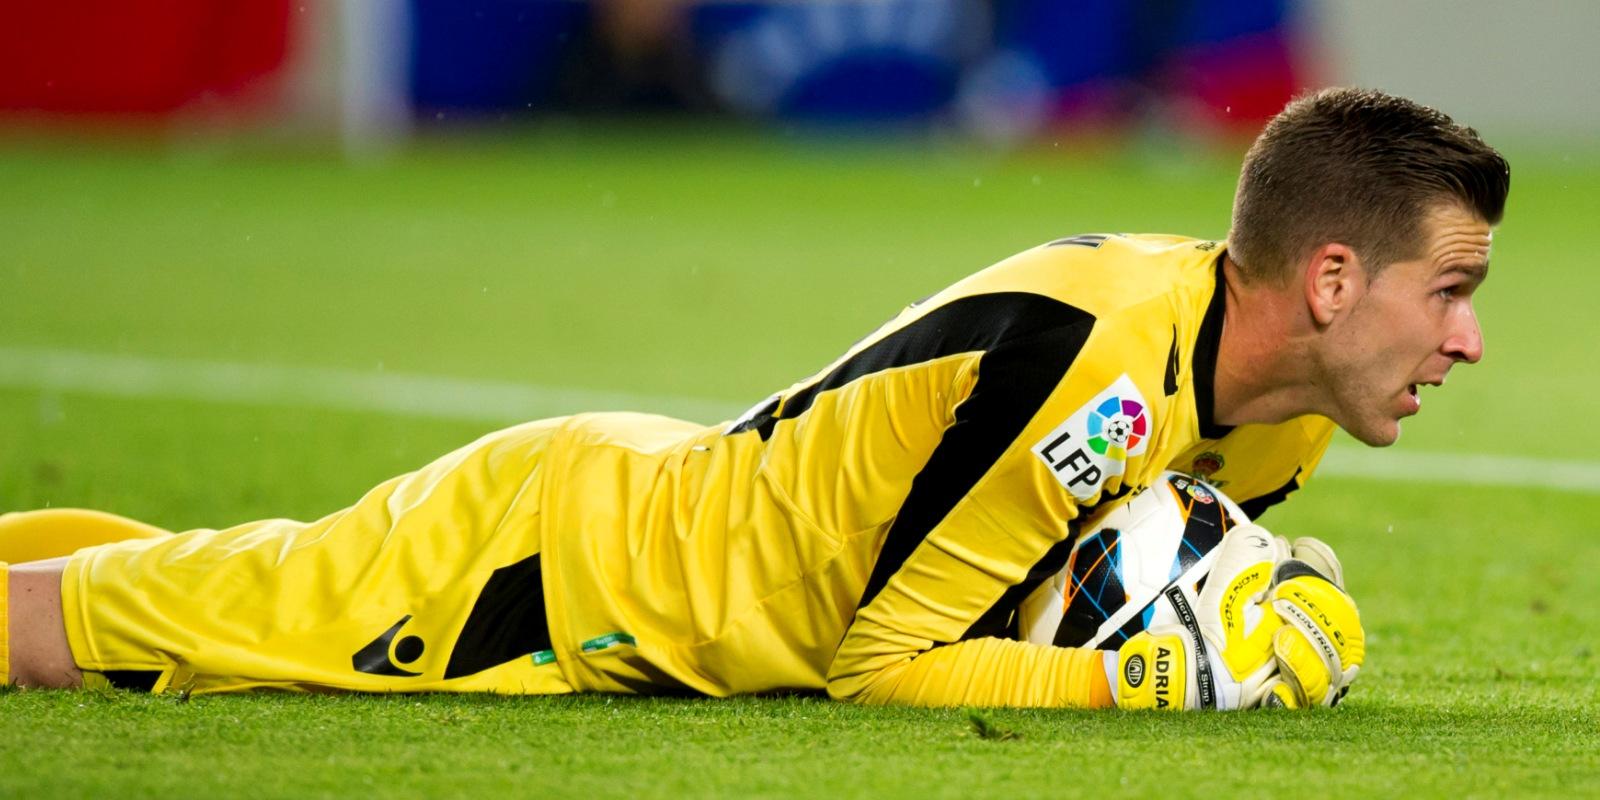 Adrián tekent voor drie seizoenen bij West Ham